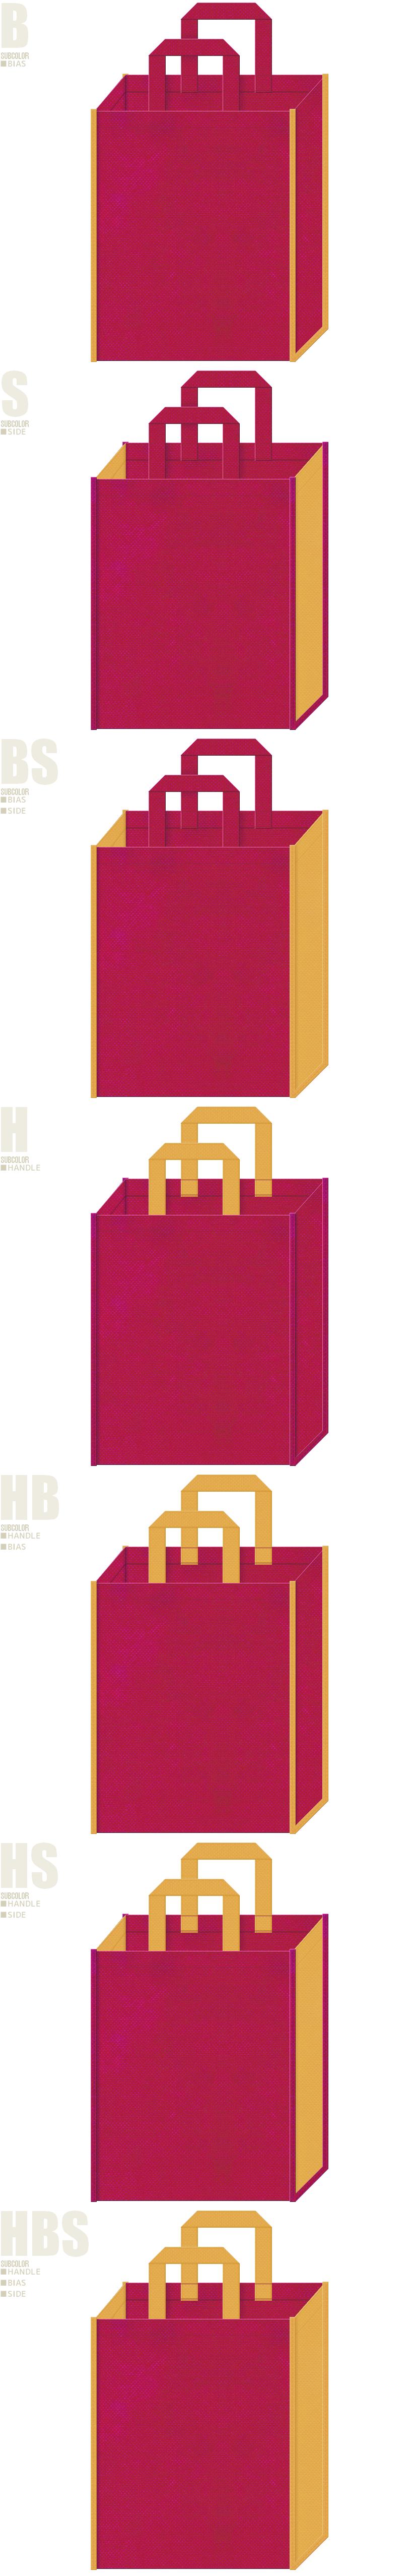 南国・トロピカル・フルーツカクテル・リゾート・トラベルバッグ・ゲーム・絵本・おとぎ話・お菓子の家・プリンセス・テーマパークのイベントにお奨めの不織布バッグデザイン:濃いピンク色と黄土色の配色7パターン